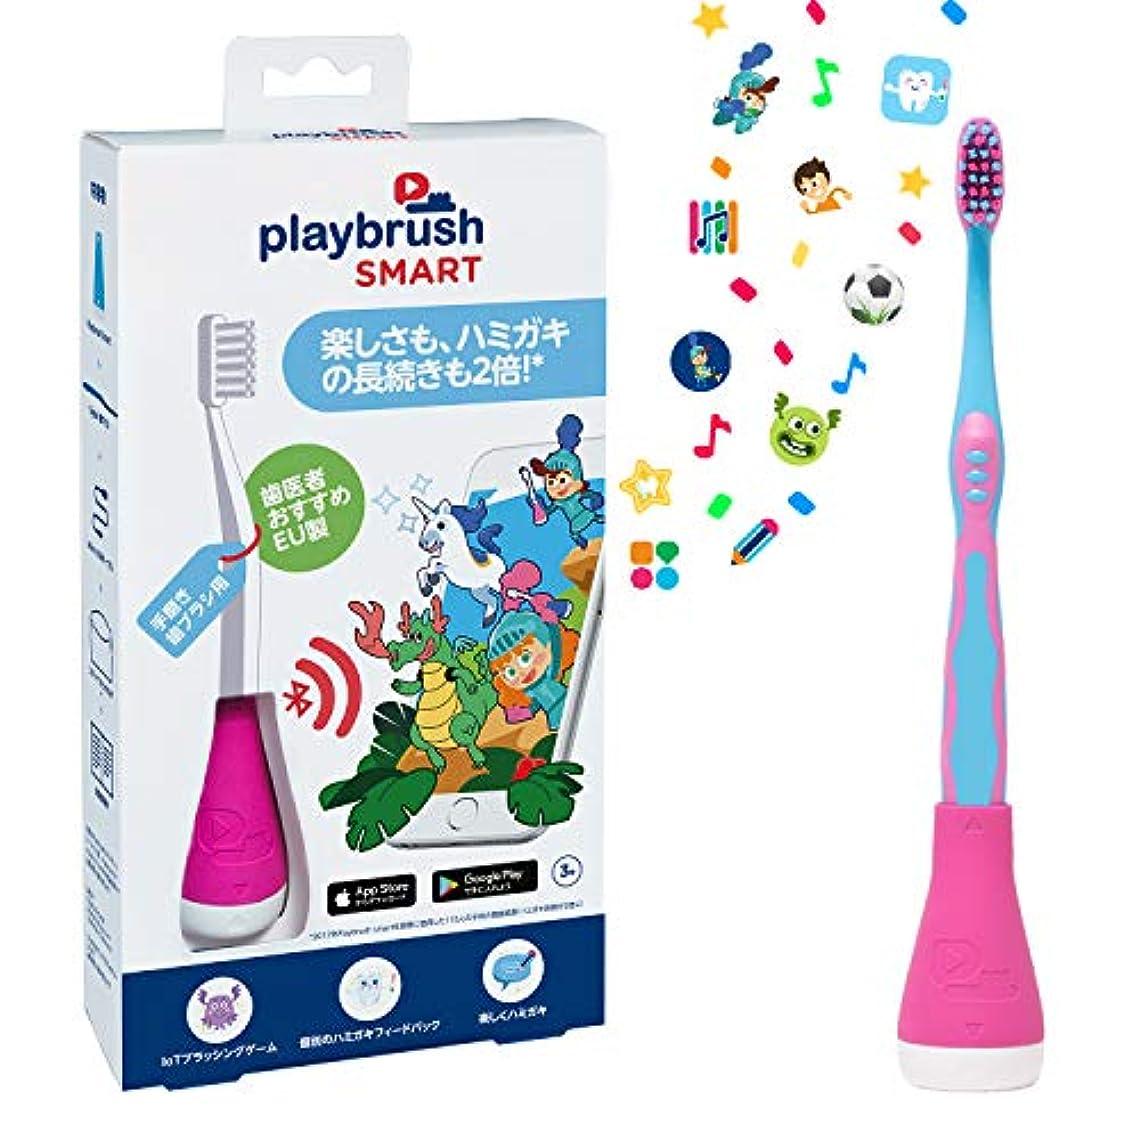 ハンバーガー奴隷研究所【ヨーロッパ製 アプリで正しいハミガキを身につけられる子供用 知育歯ブラシ】プレイブラッシュ スマート ピンク◇ 普段の歯ブラシに取り付けるだけ◇ Playbrush Smart Pink